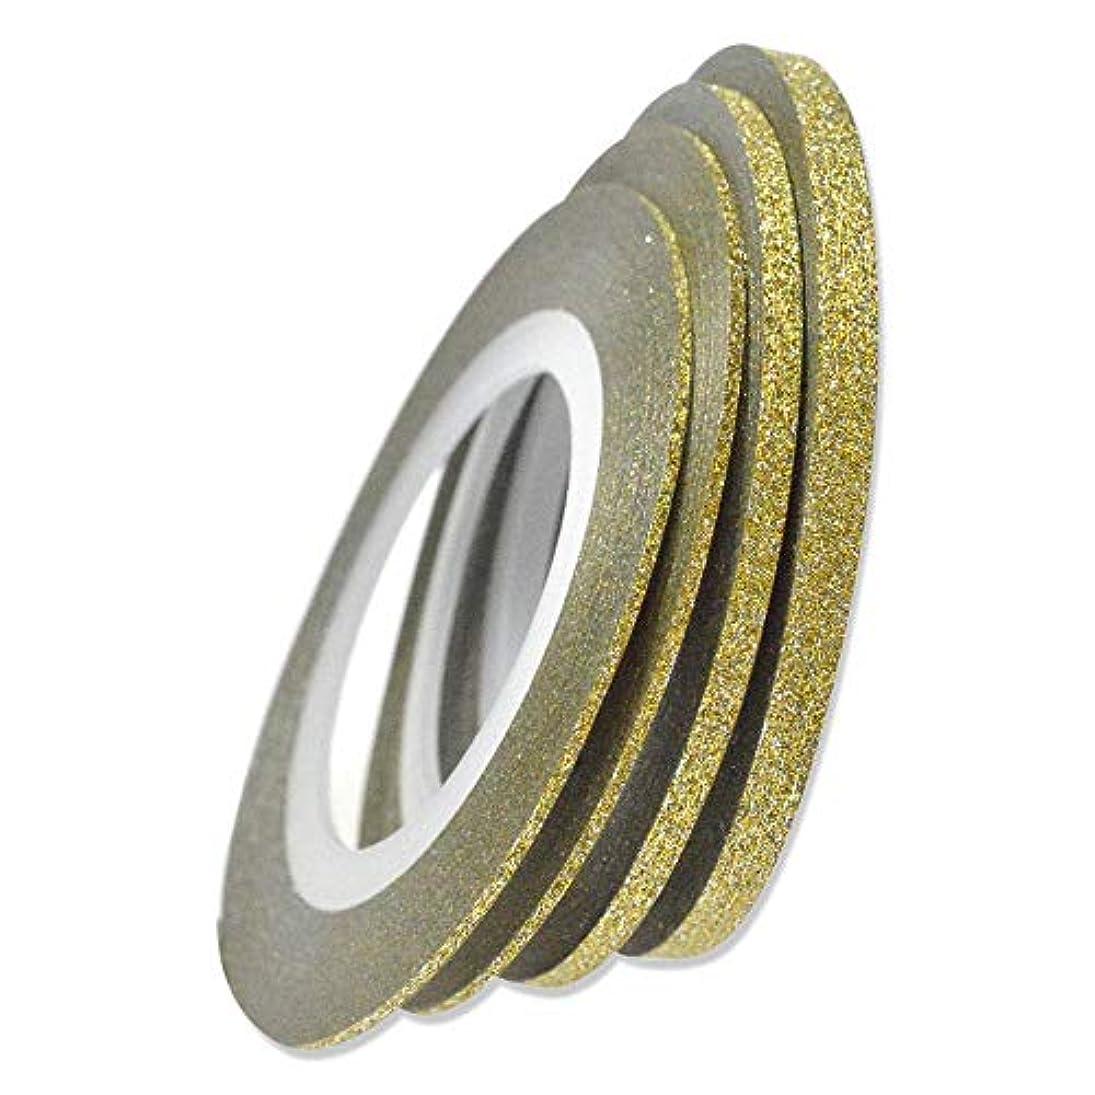 ダイアクリティカル読む削除するSUKTI&XIAO ネイルステッカー 1ロールネイルアートキラキラストライピングテープラインレーザーシャイニングゴールド/シルバー1/2 / 3Mm新しいネイル転写箔ステッカー、3Mmゴールド